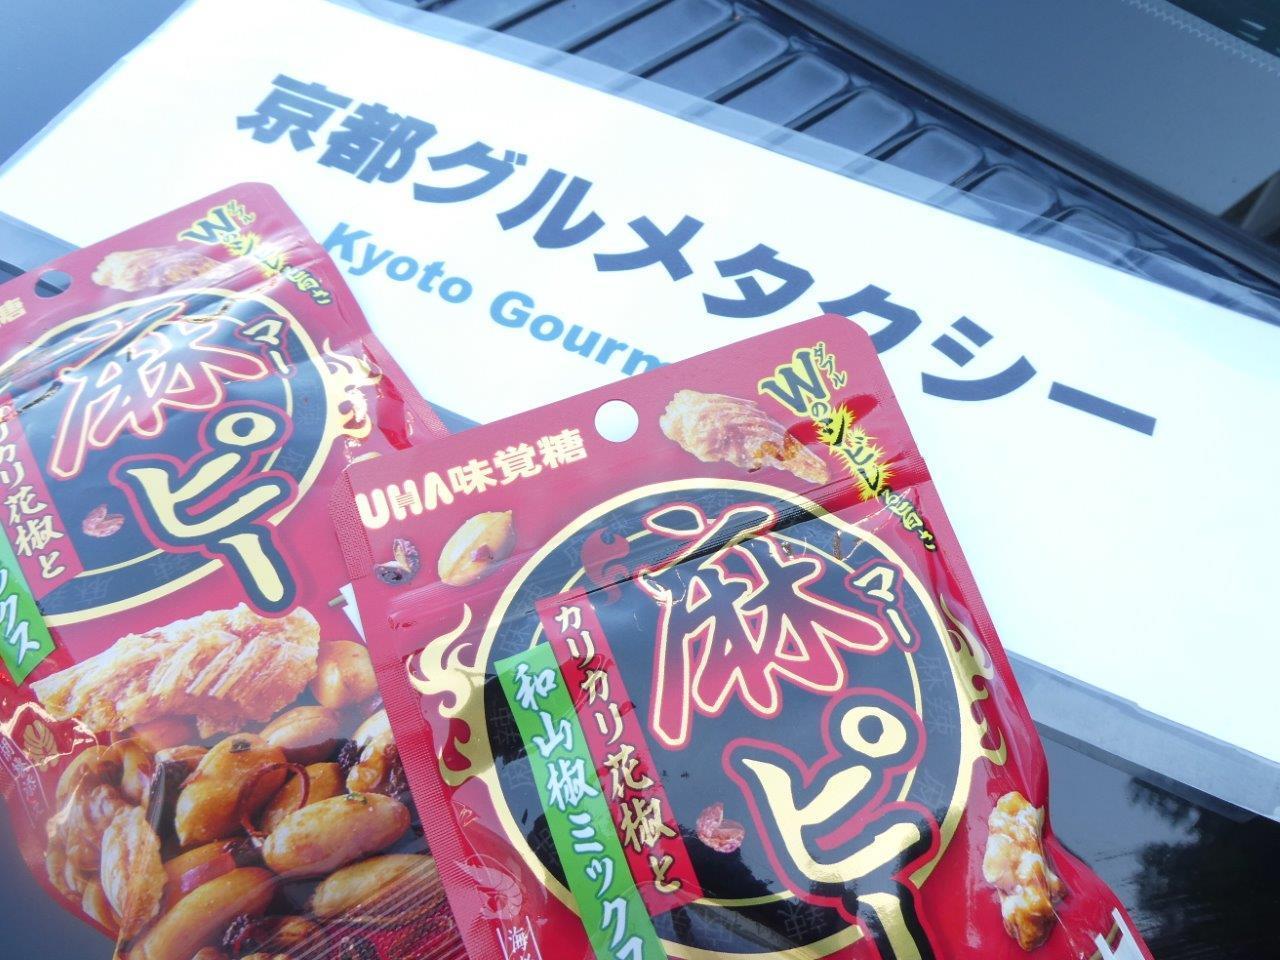 京都グルメタクシー®(登録商標) 最新記事は一つ下です!_d0106134_20545418.jpg